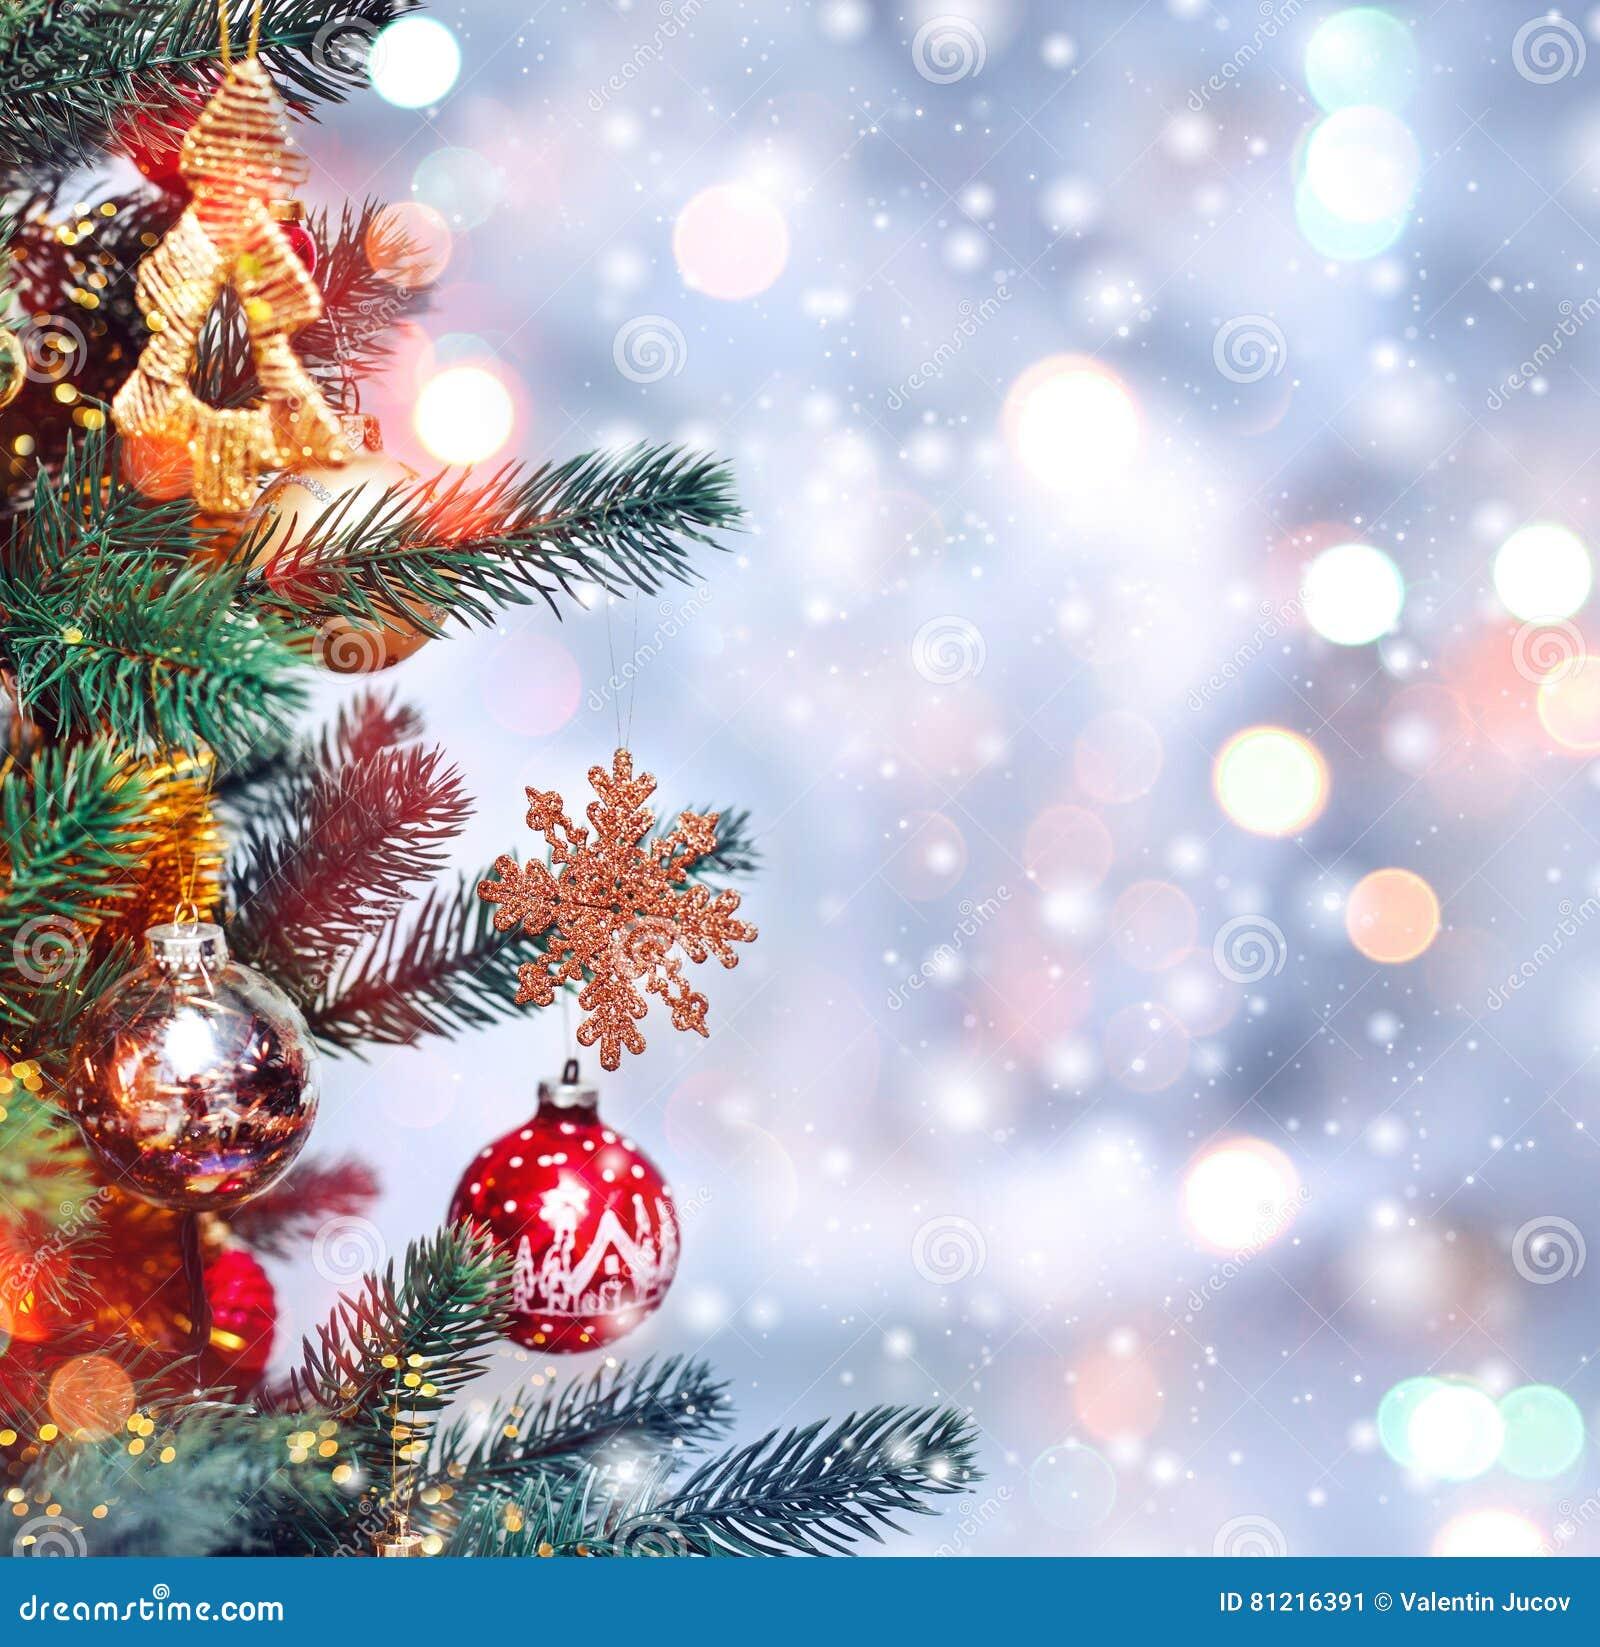 Immagini Di Natale Con La Neve.Fondo Dell Albero Di Natale E Decorazioni Di Natale Con Neve